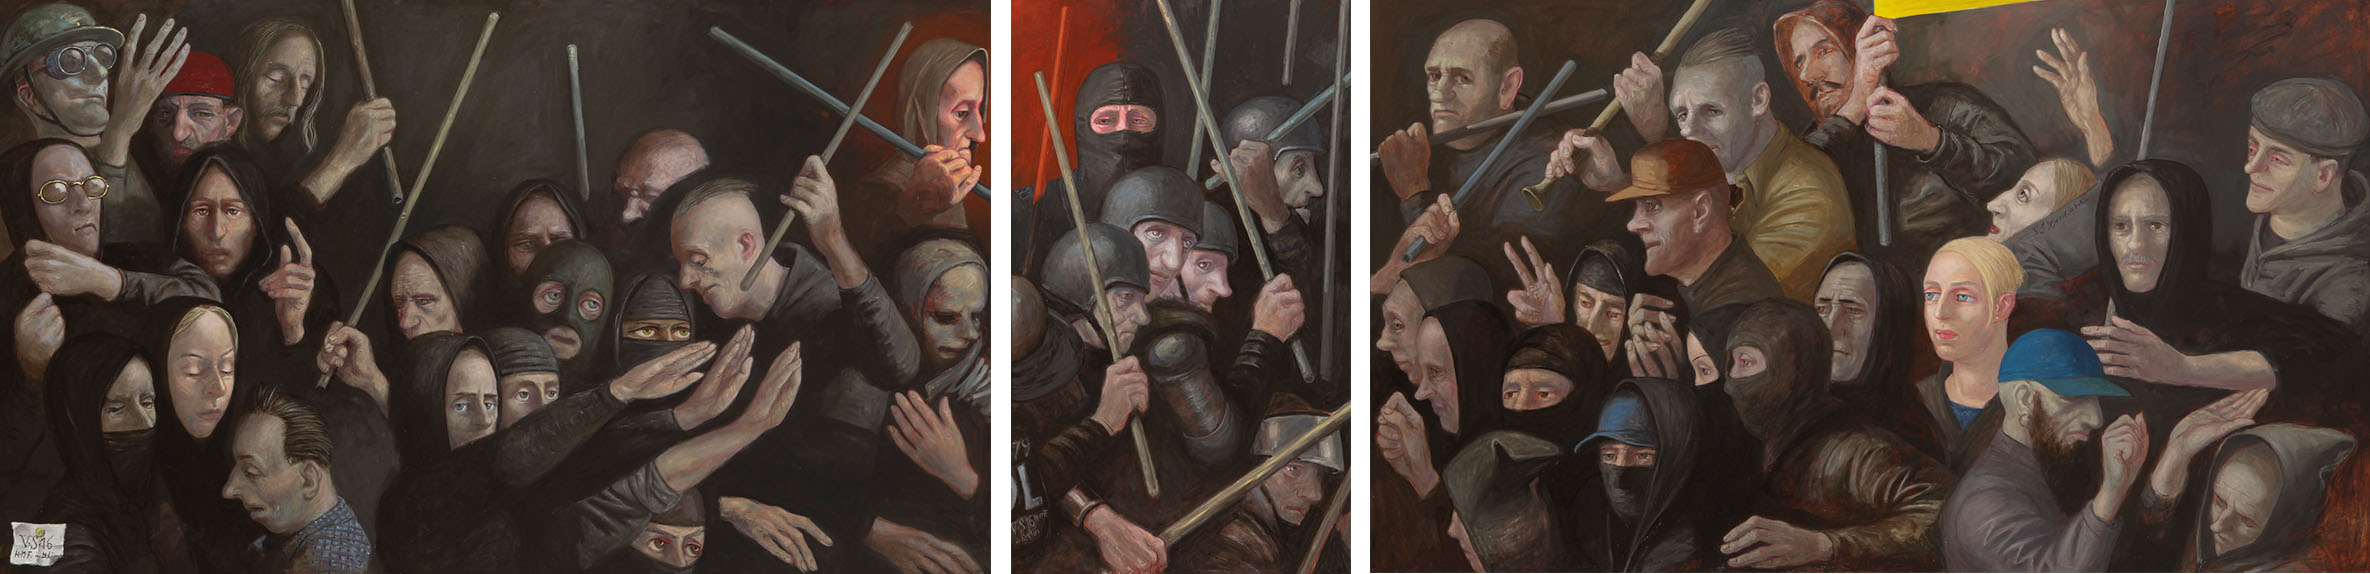 Das Treffen (Triptychon), 2016